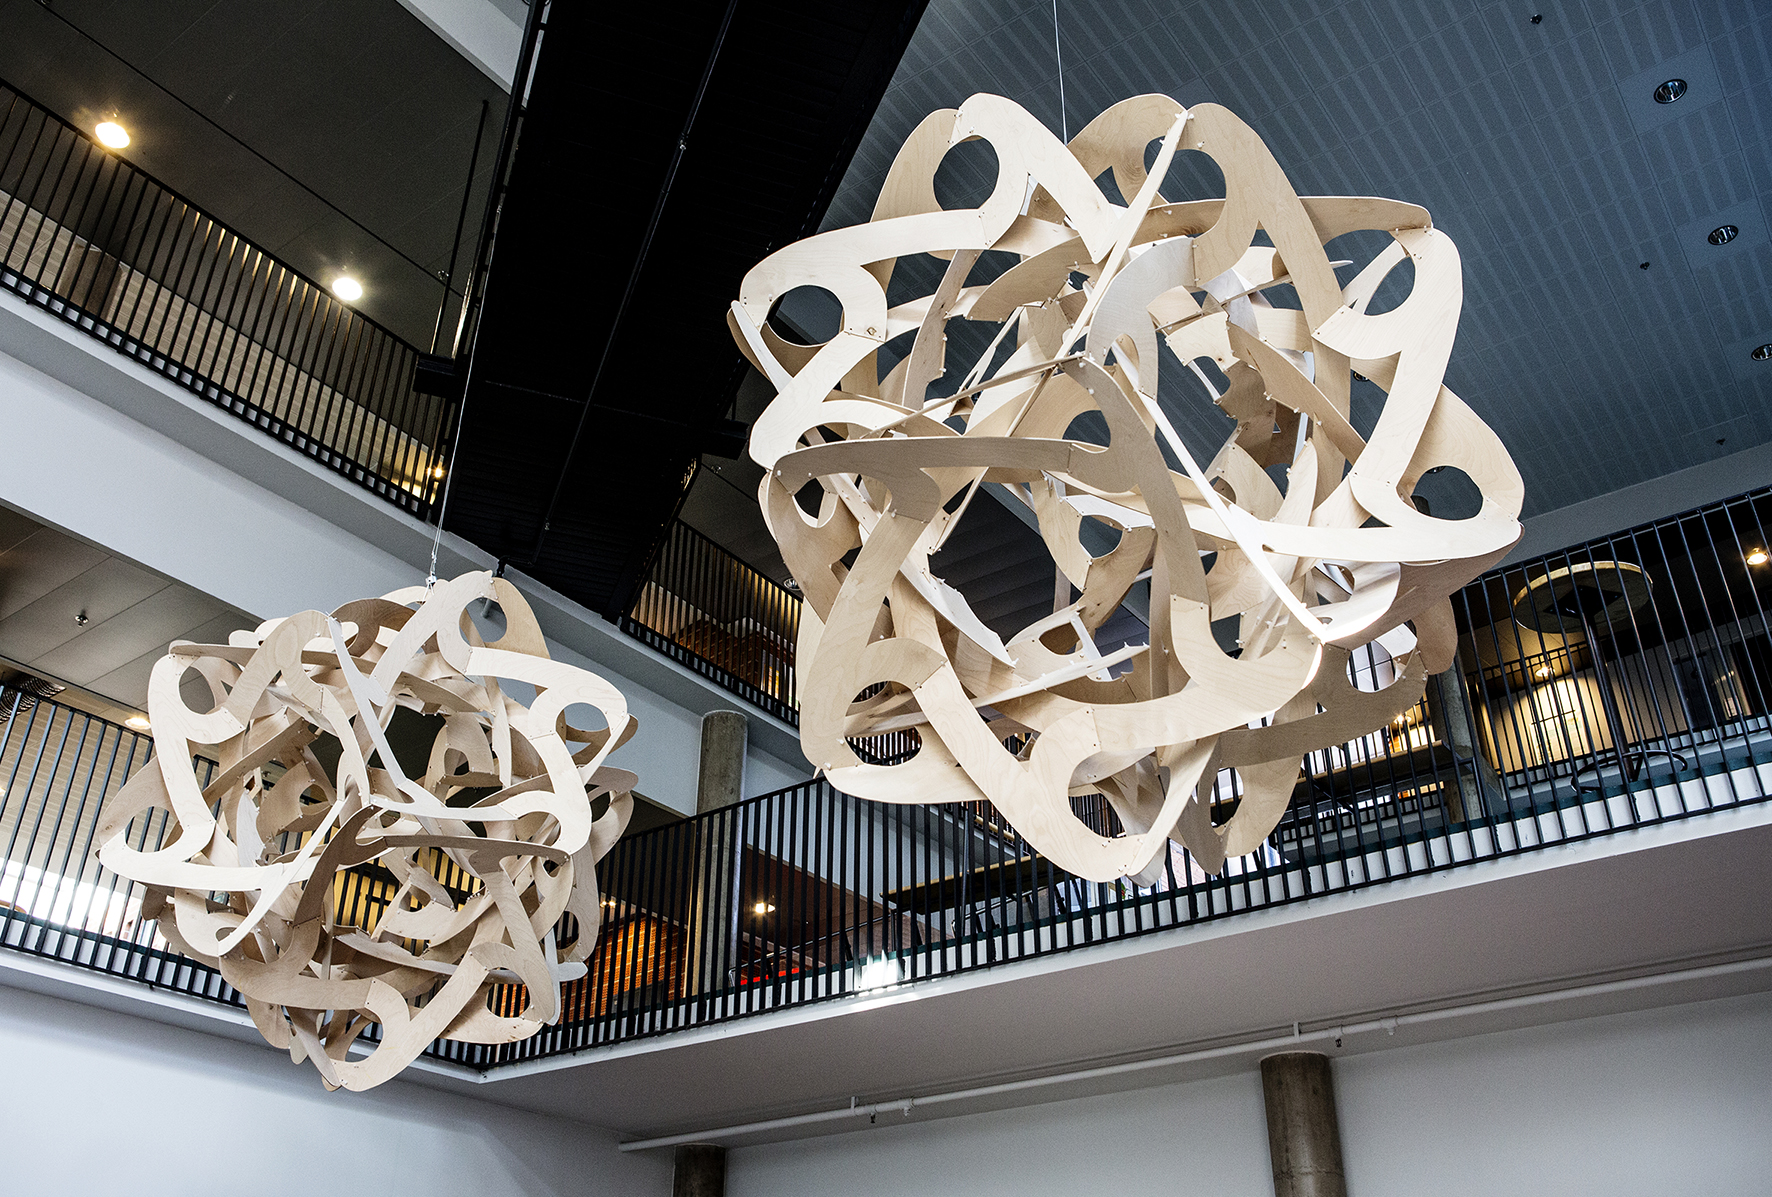 aalto_Sculptures_2.jpg